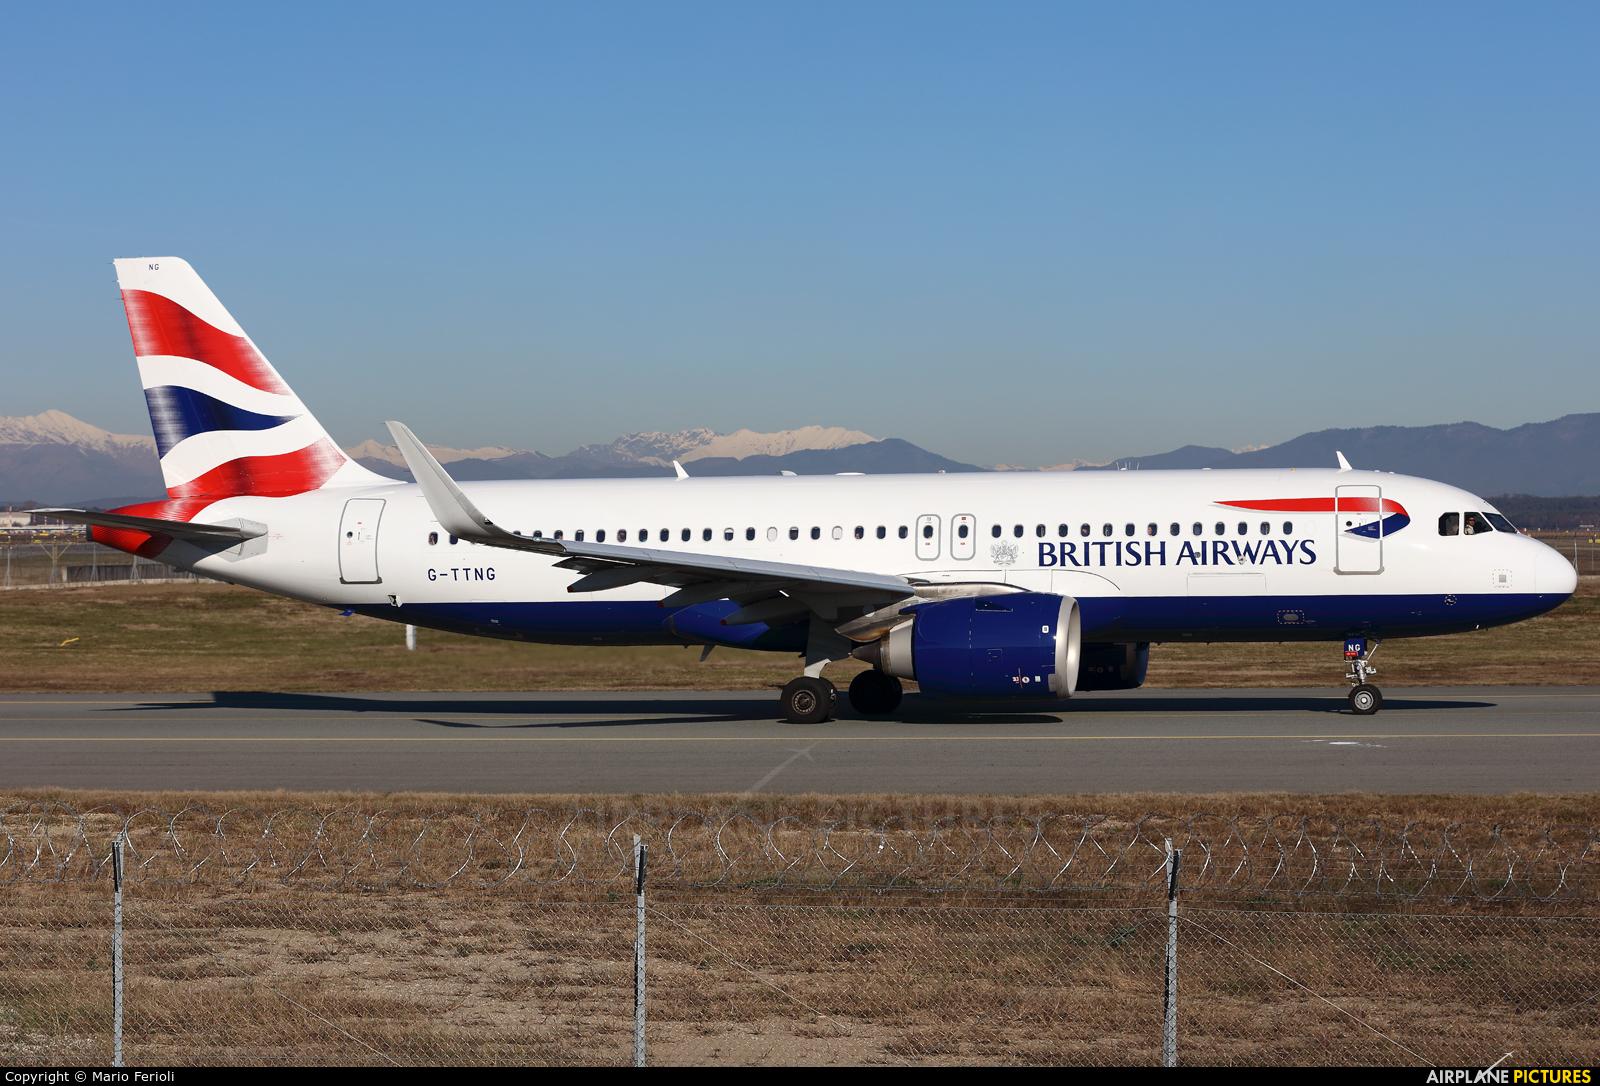 British Airways G-TTNG aircraft at Milan - Malpensa